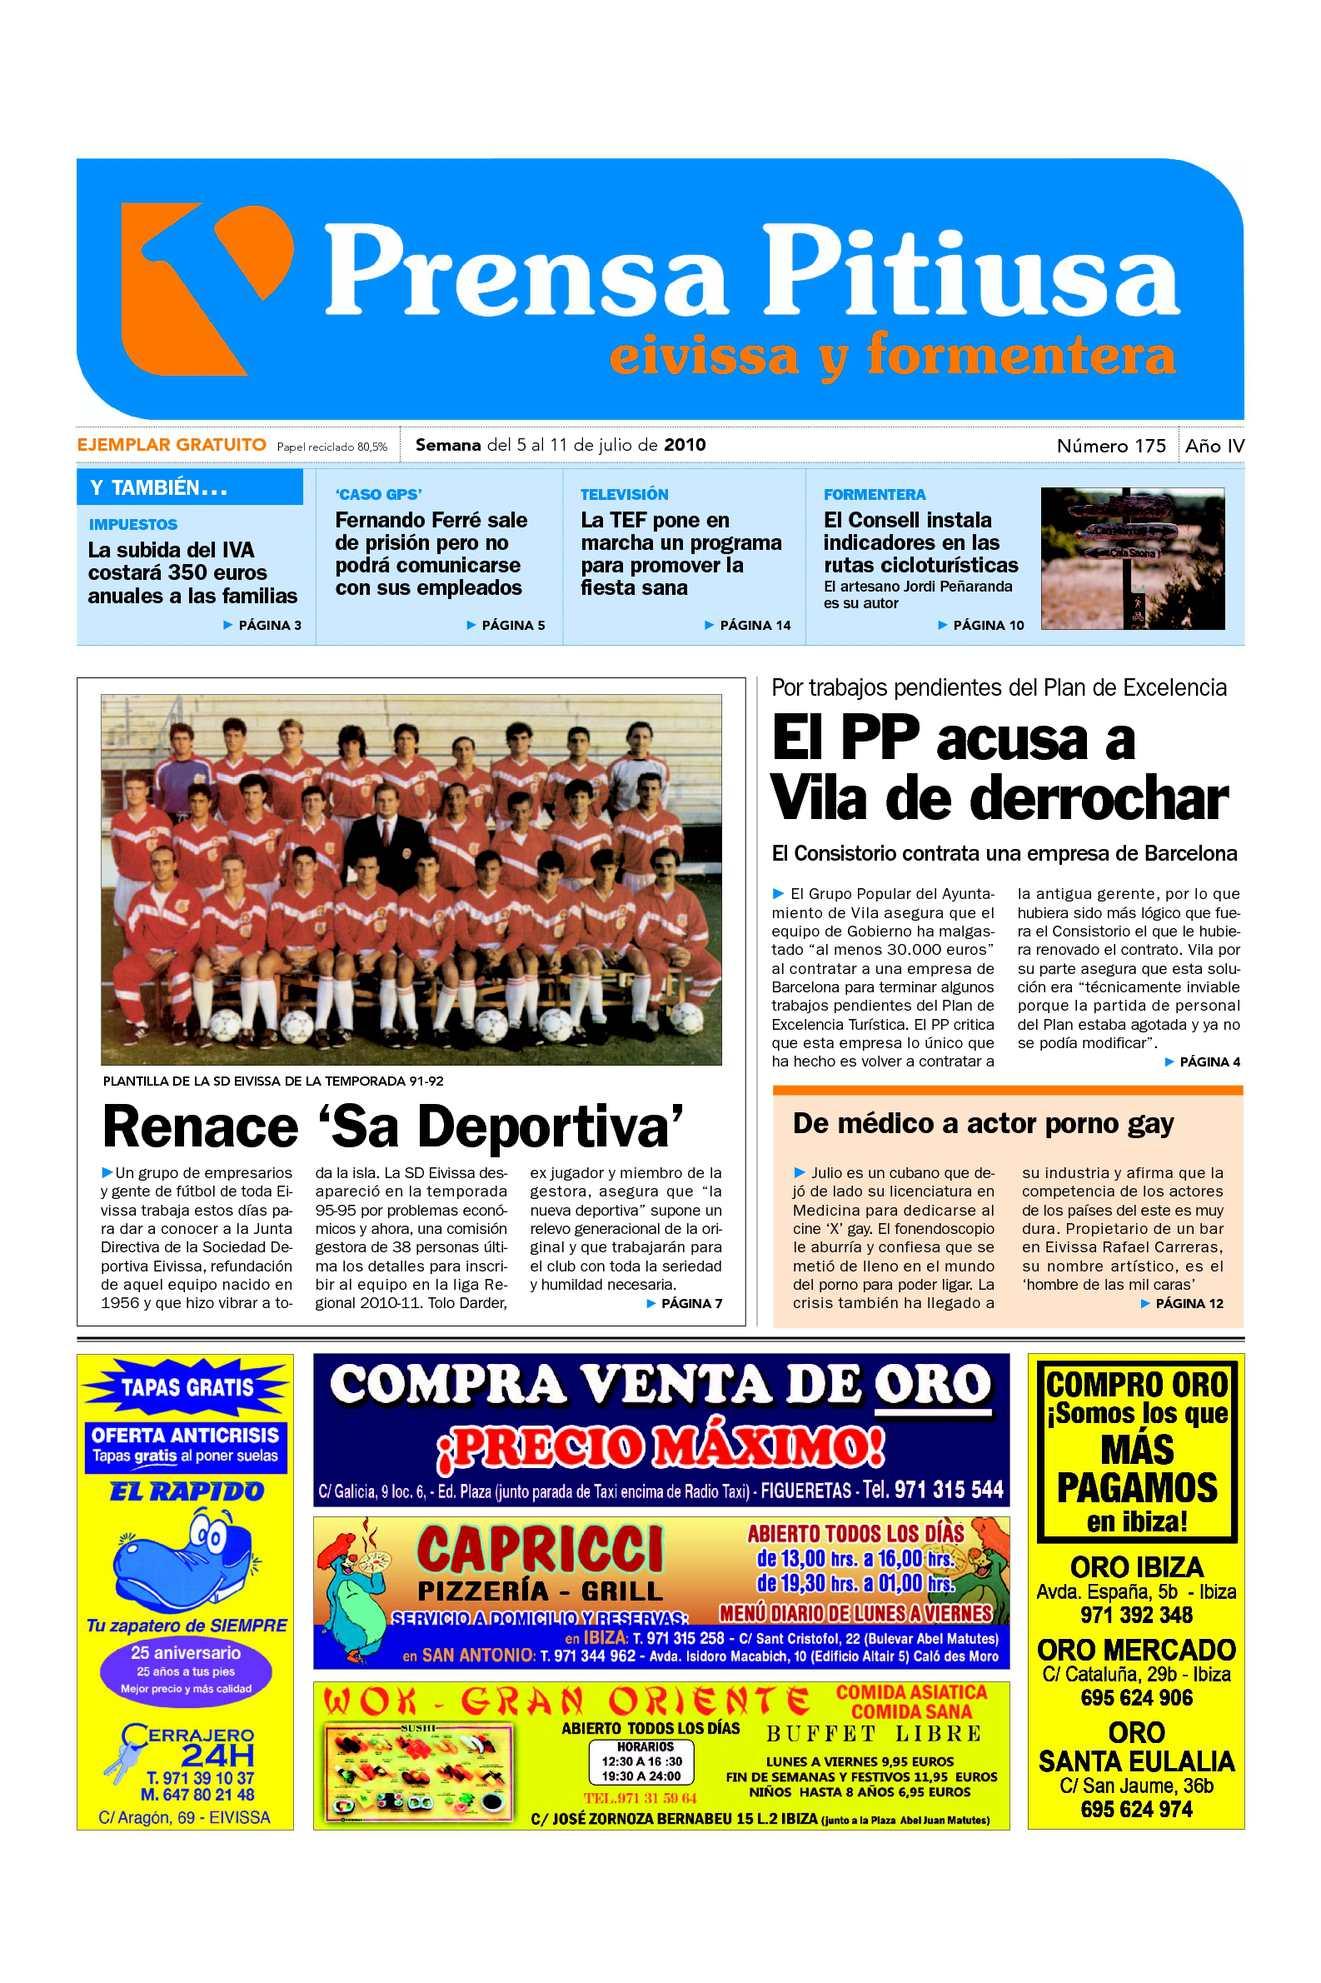 Calaméo - Prensa Pitiusa edición 175